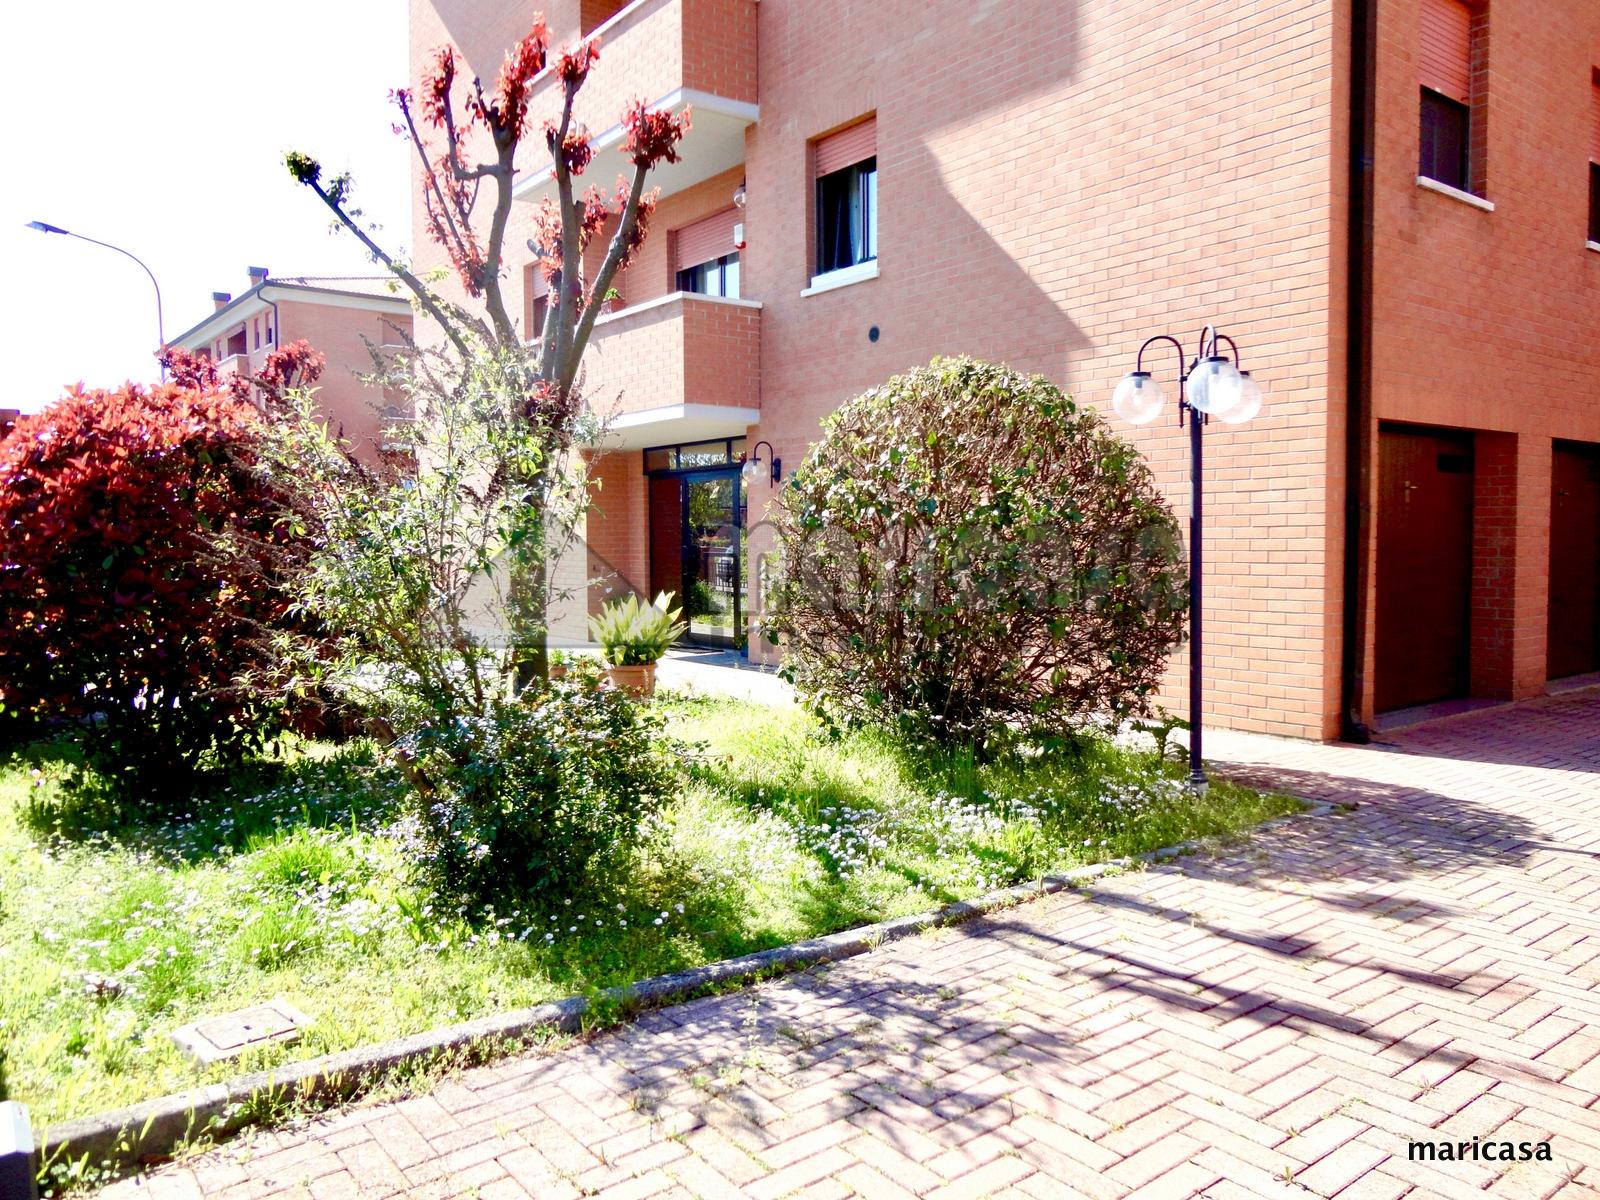 Appartamento in affitto a Ferrara, 2 locali, zona Località: ViaBologna, prezzo € 500 | CambioCasa.it